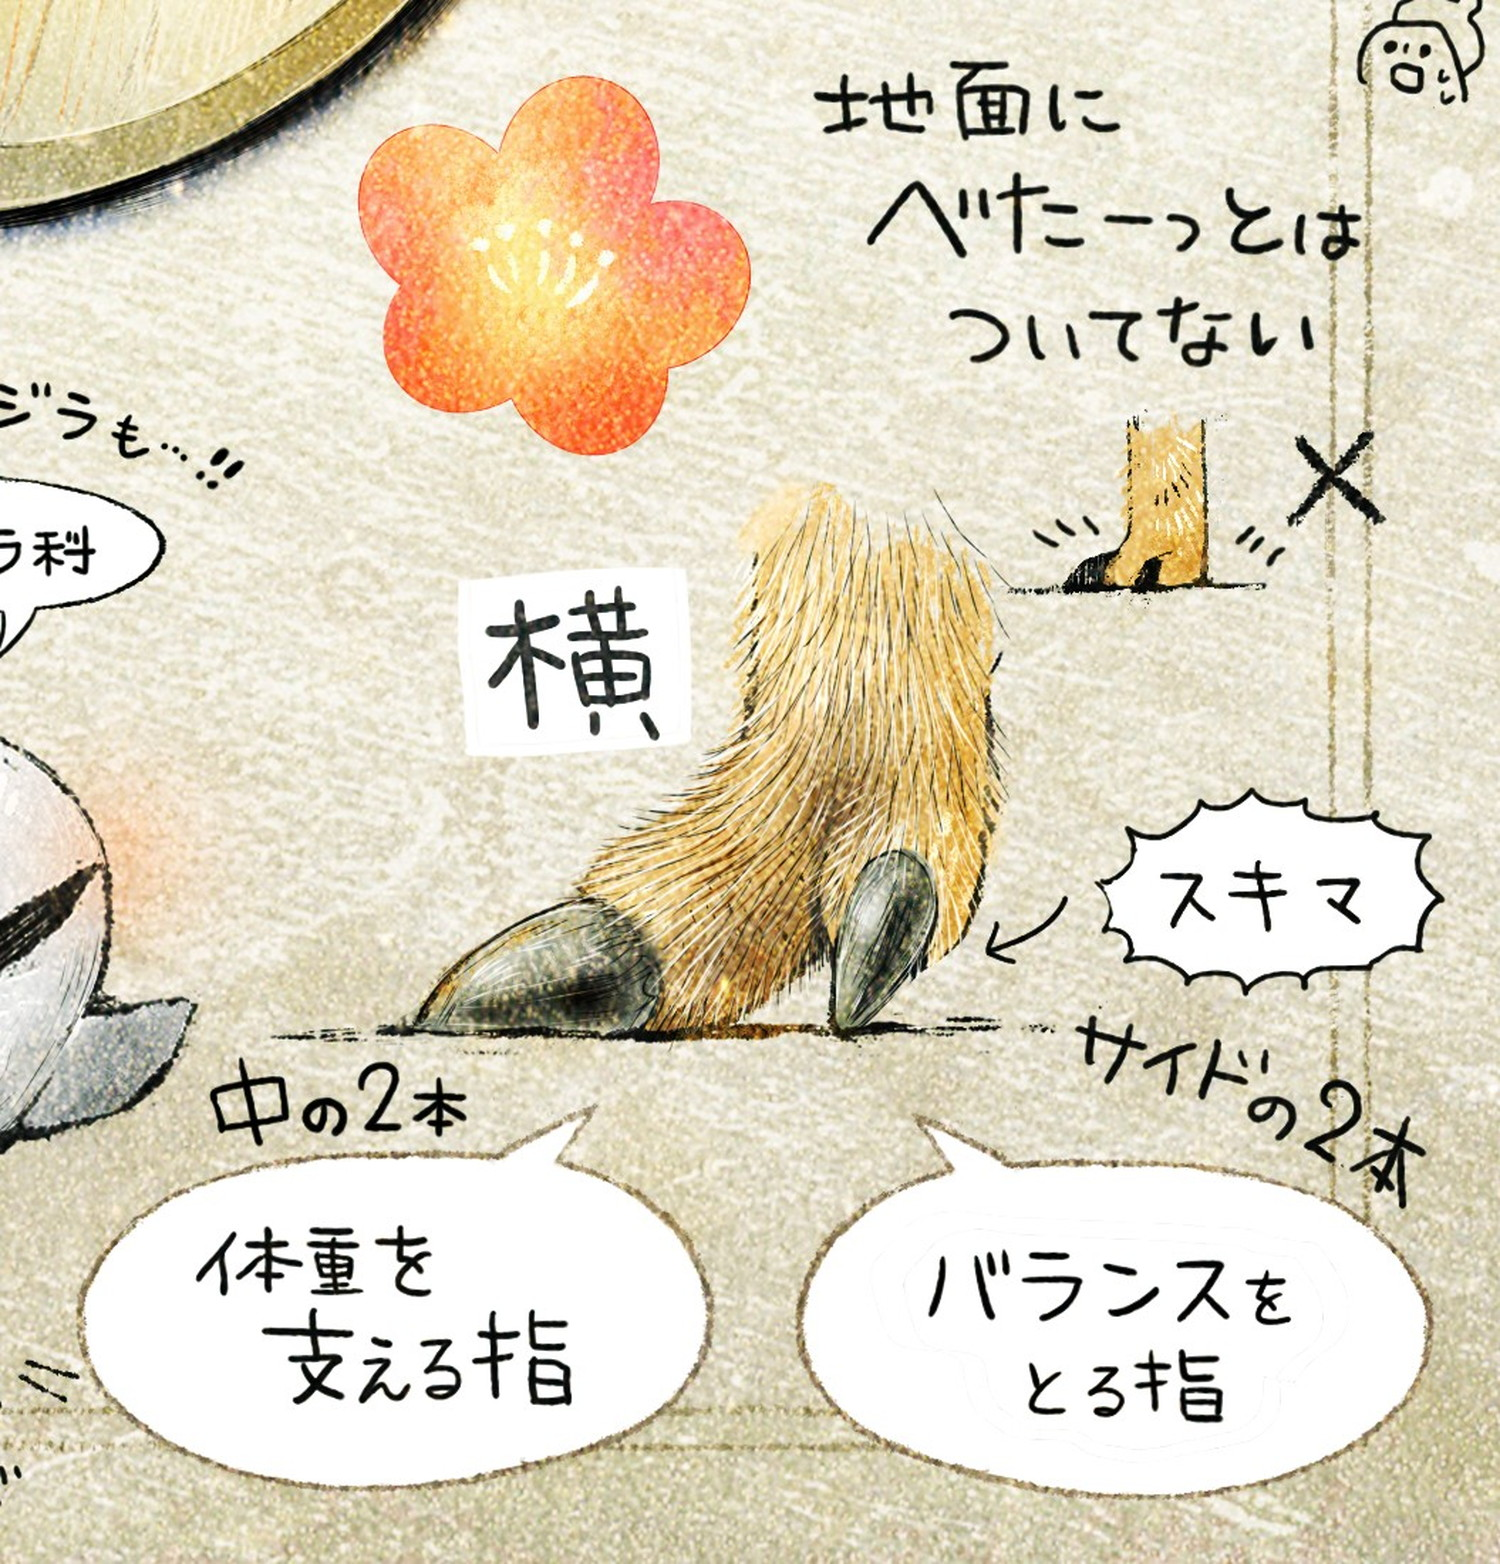 イノシシの蹄の解説 体重を支える指・バランスを取る指 ニホンイノシシのイラスト イノシシの暮らし・生態の解説 Boar